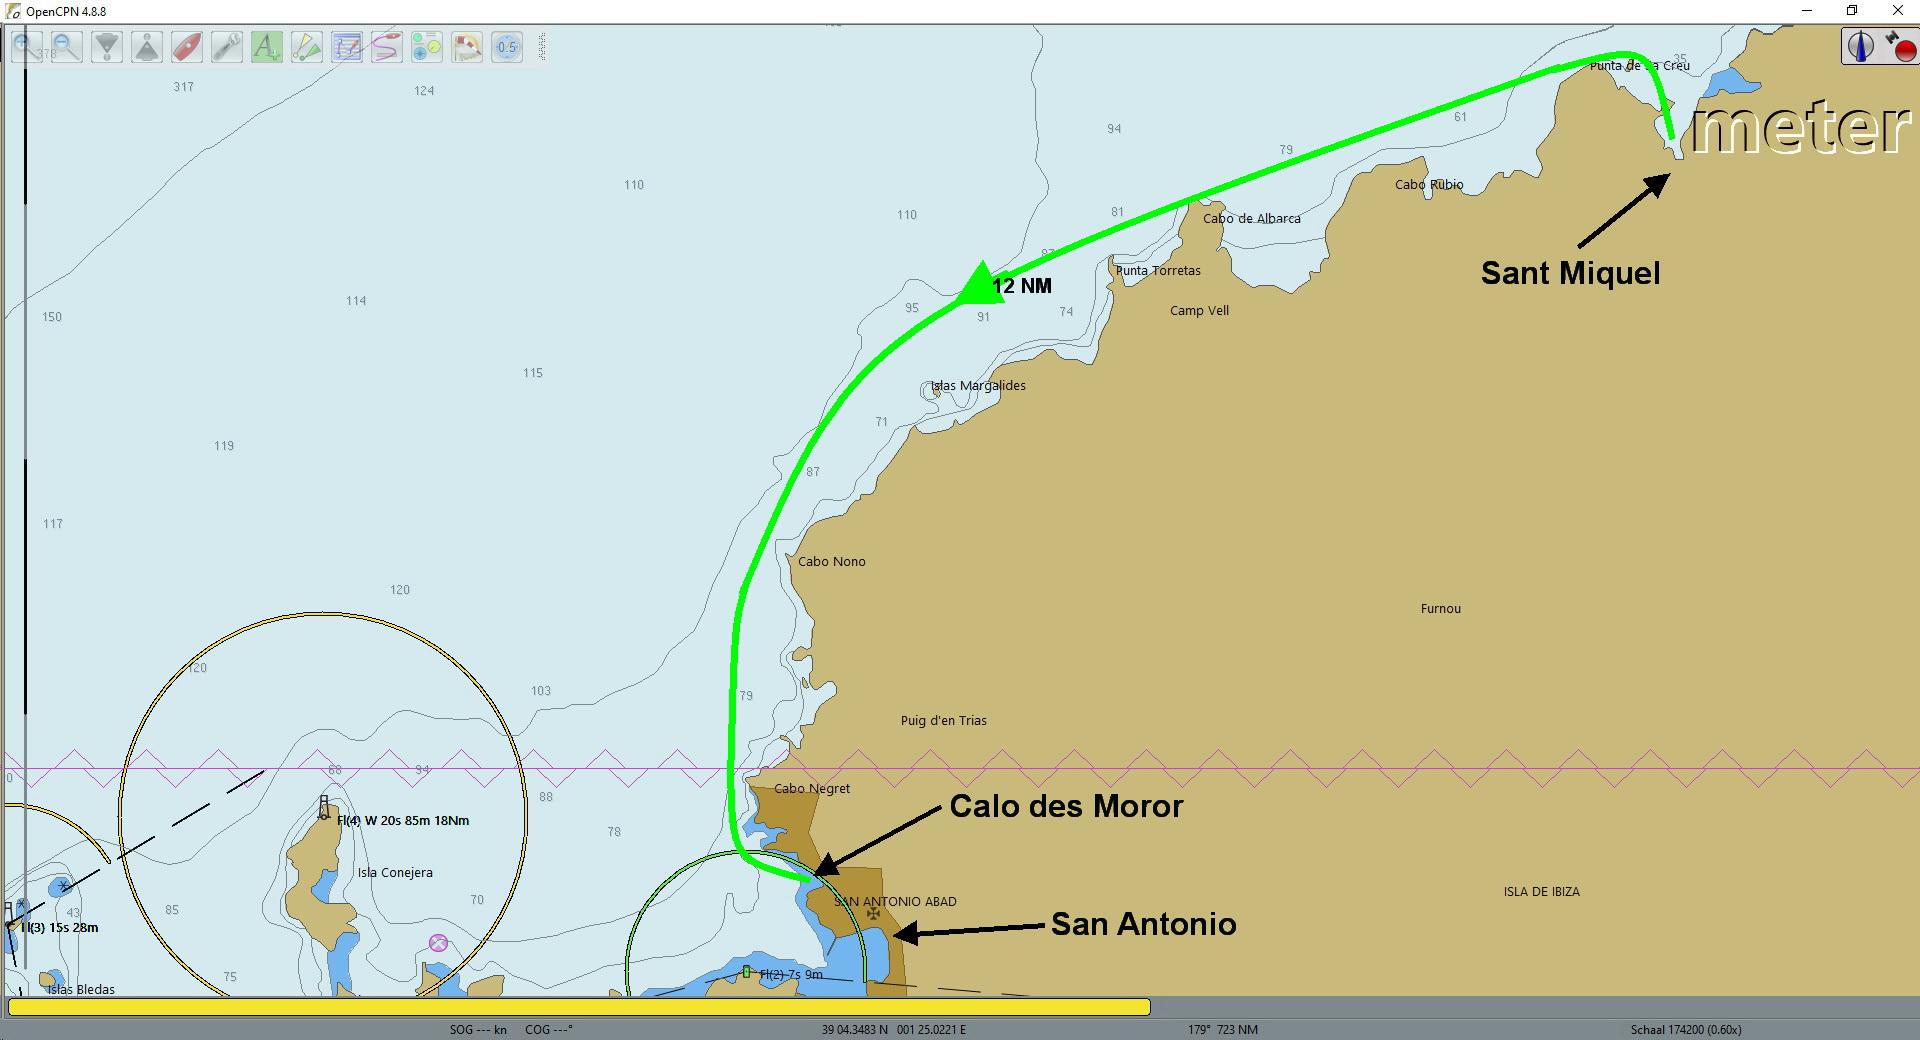 20200707 Sant Miquel - Caló des Moror (San Antonio)